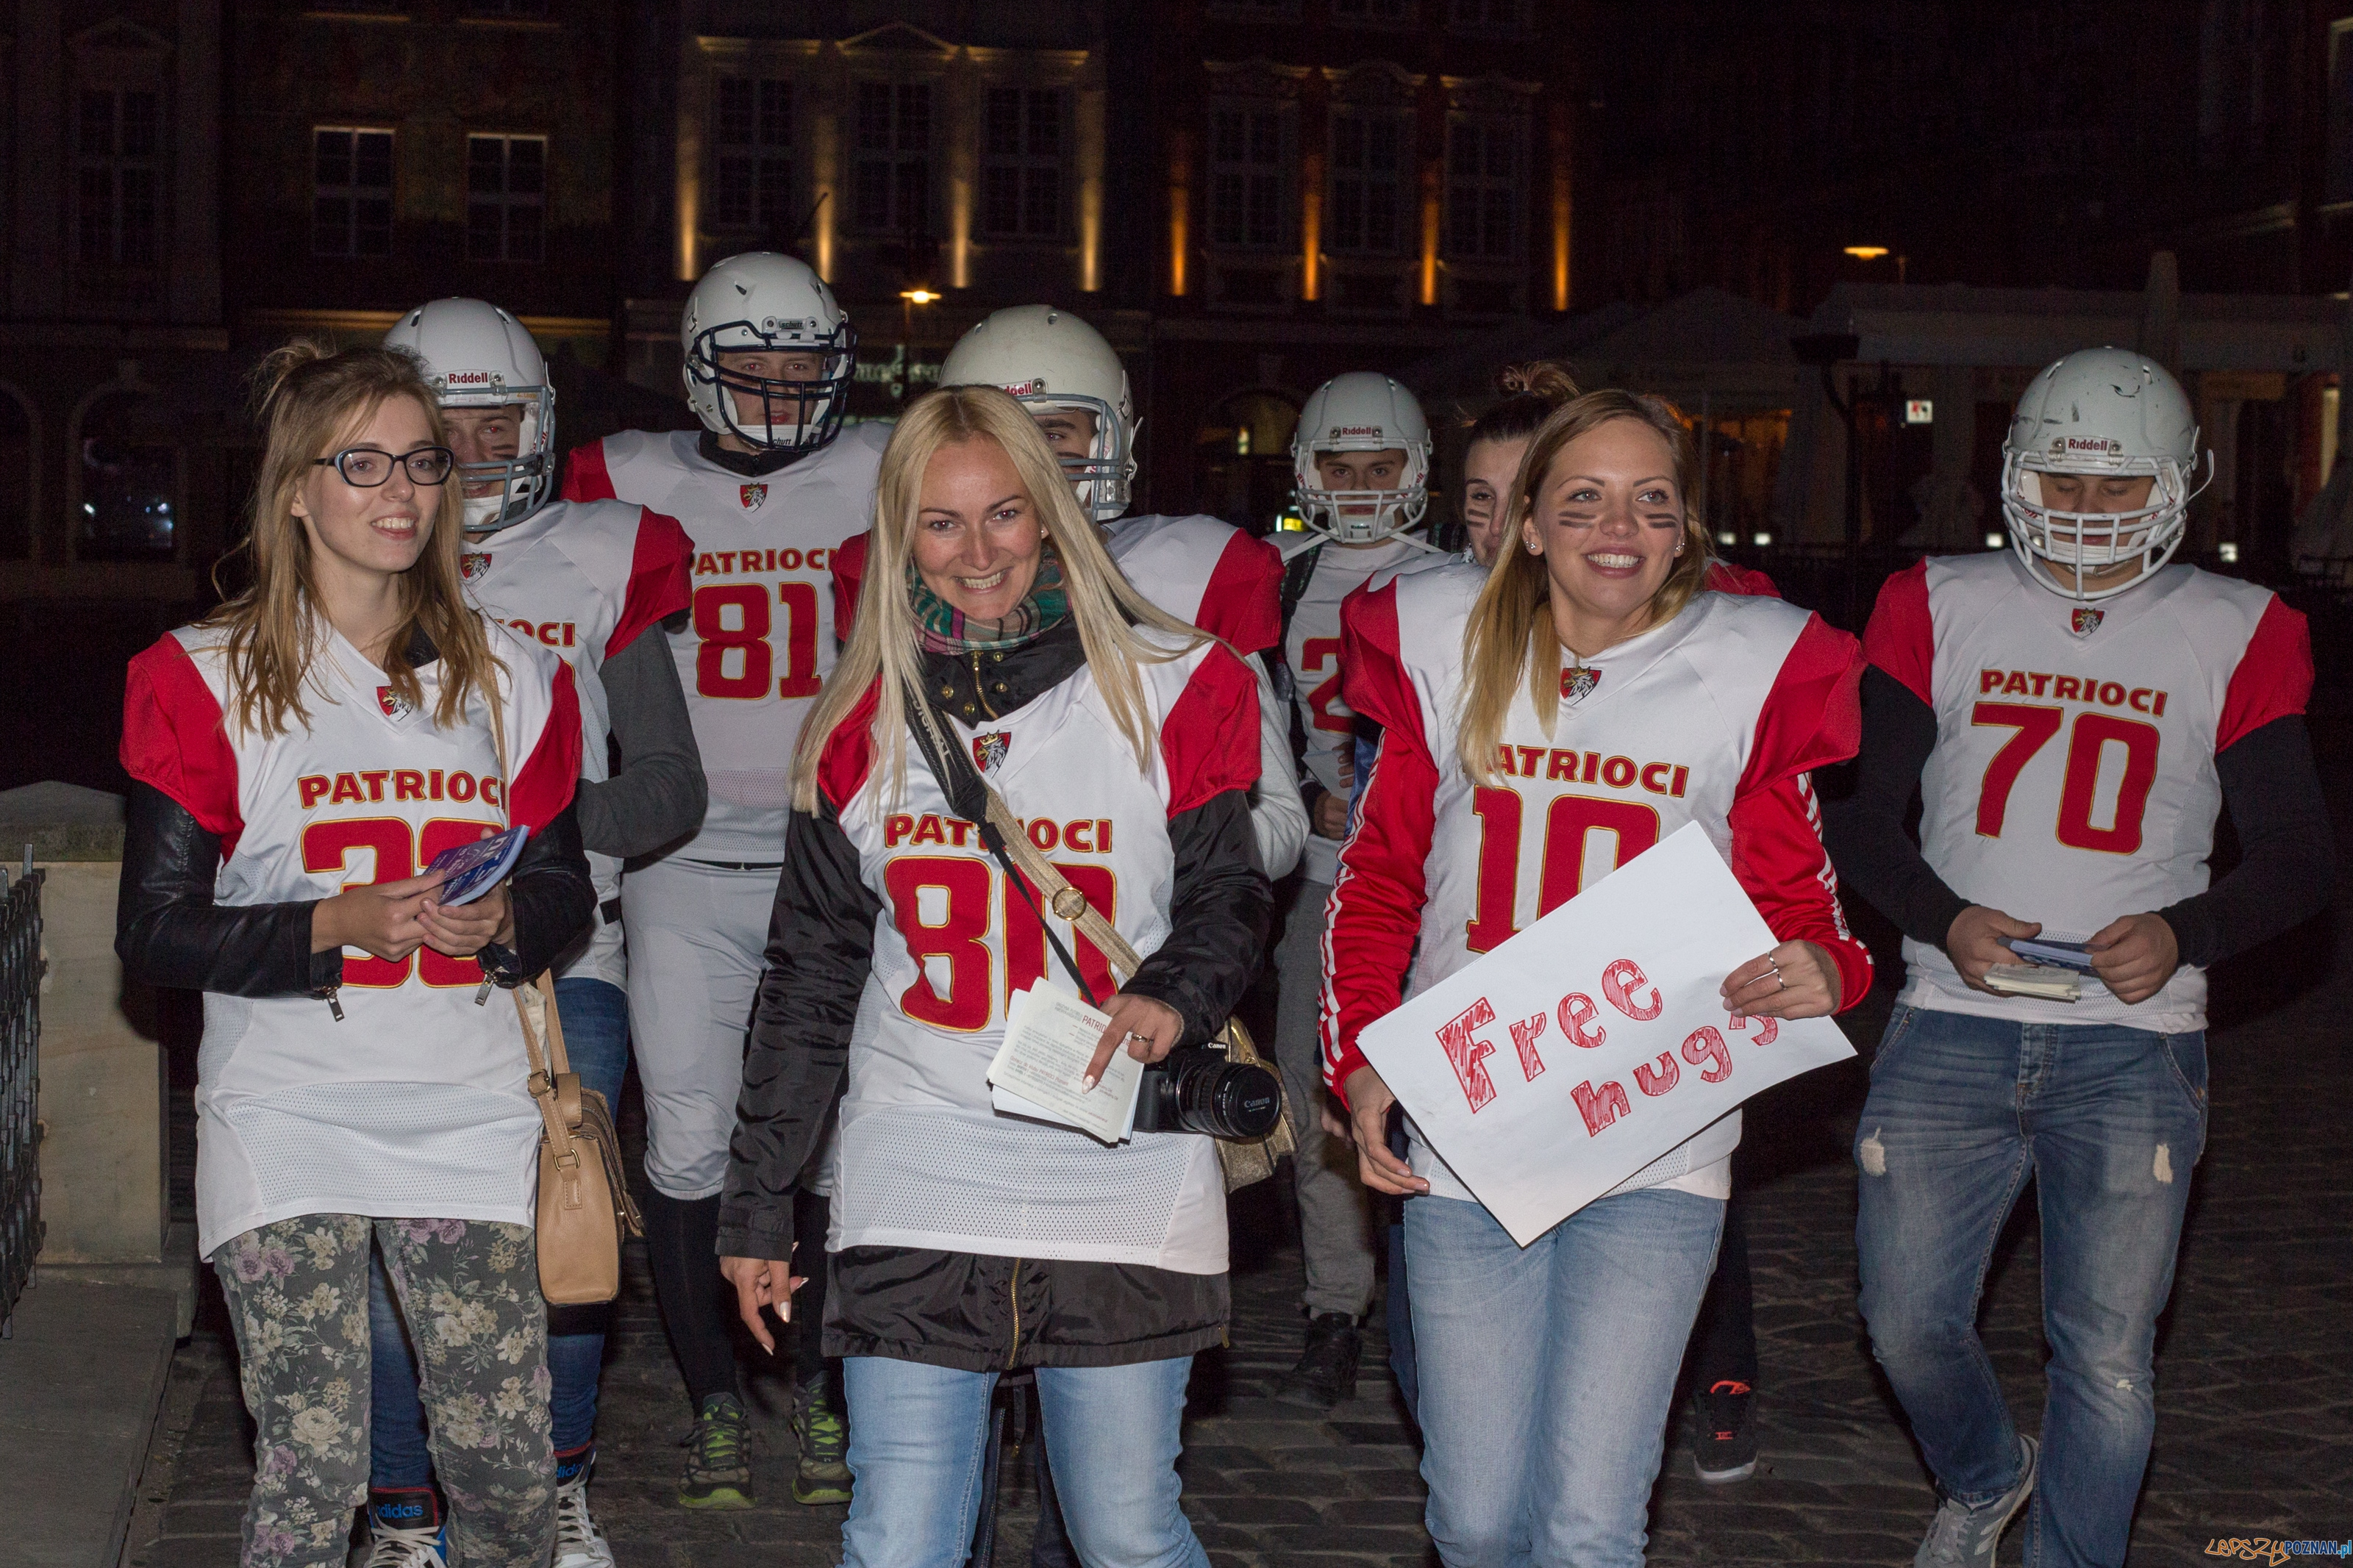 Patrioci Poznań - Free Hugs  Foto: lepszyPOZNAN.pl / Piotr Rychter